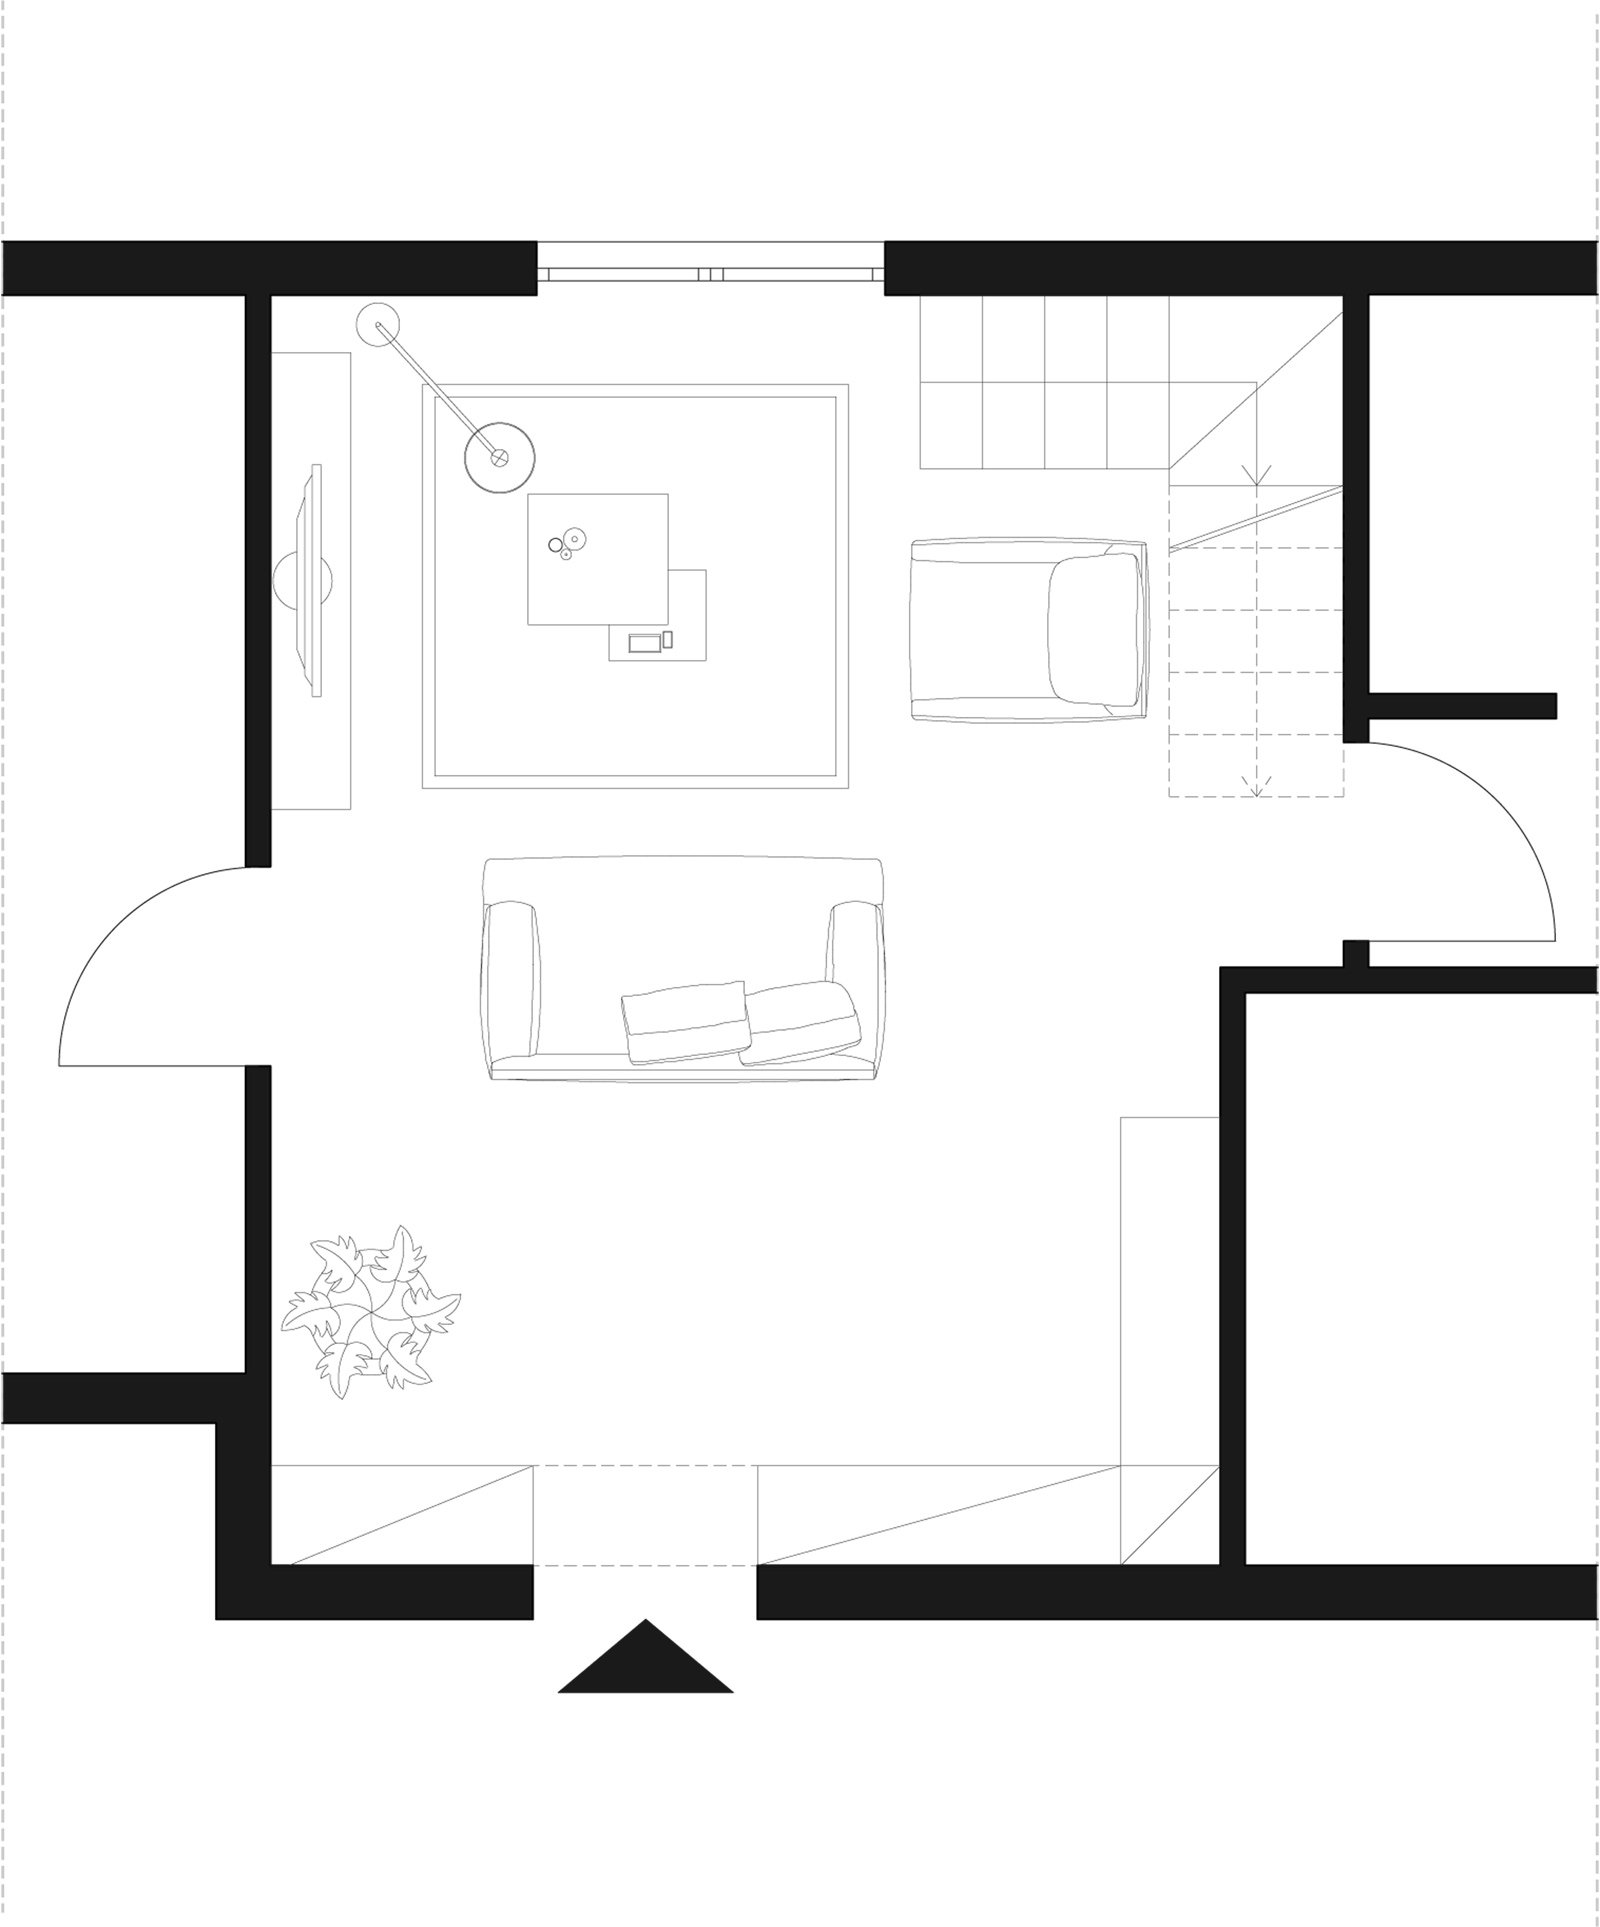 arredare un soggiorno con tante aperture sulle pareti - cose di casa - Disegni Su Pareti Soggiorno 2